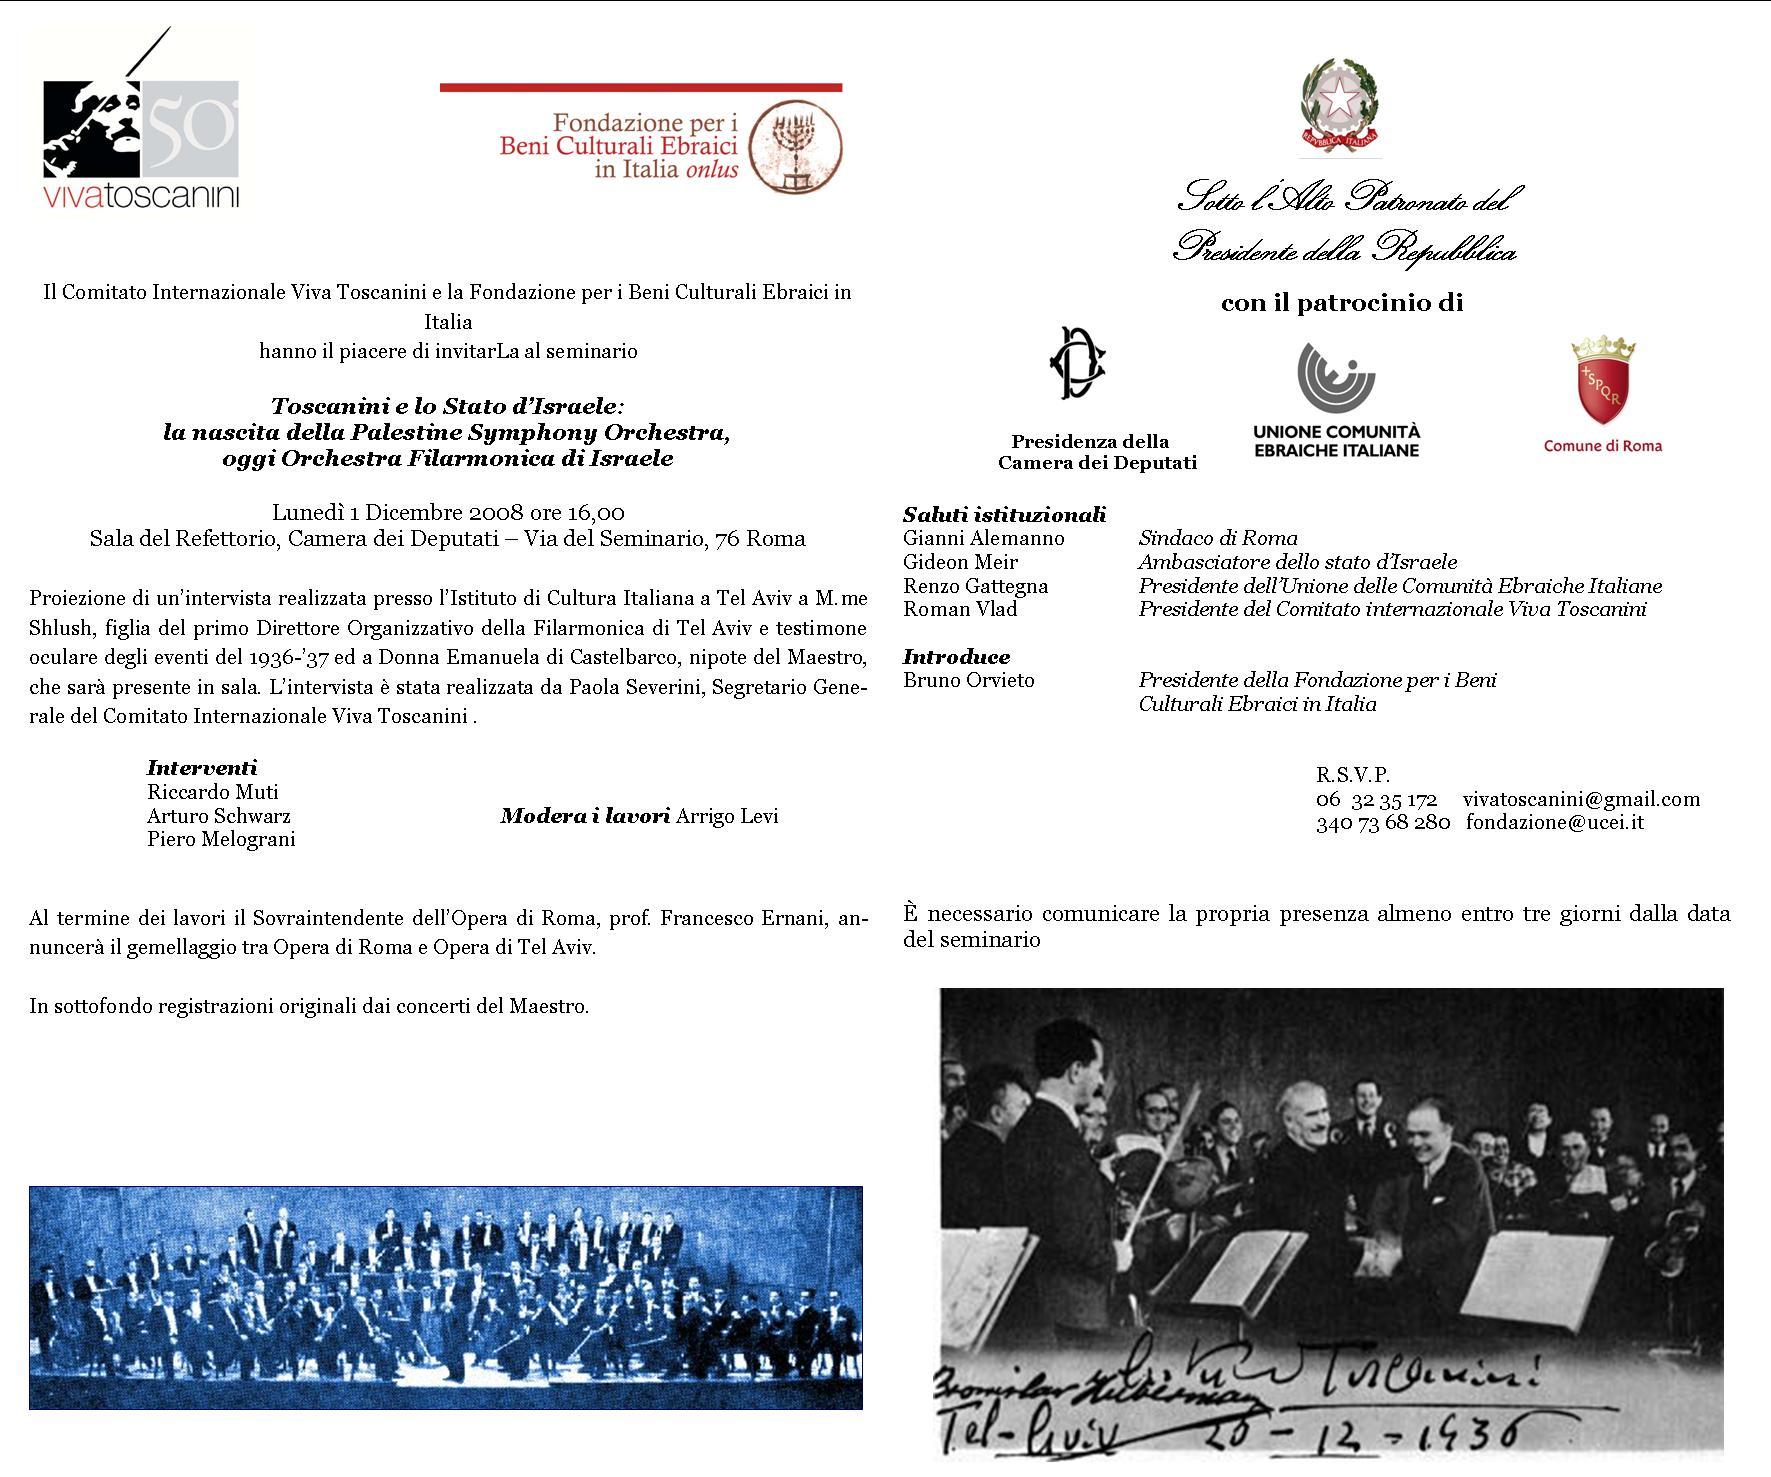 Toscanini e lo Stato d'Israele 01.12.08